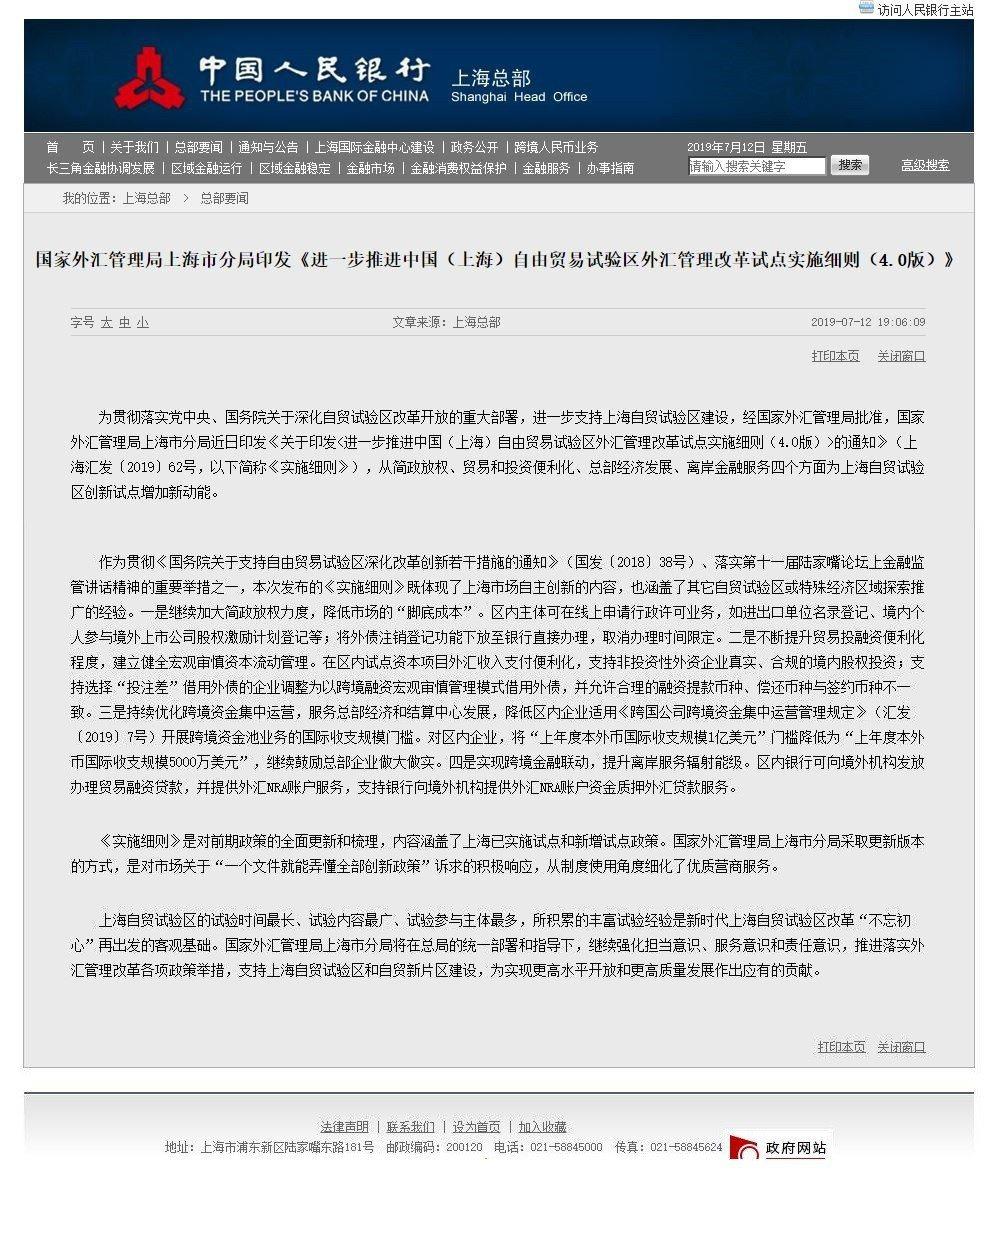 圖╱擷取自中國人民銀行上海總部官網